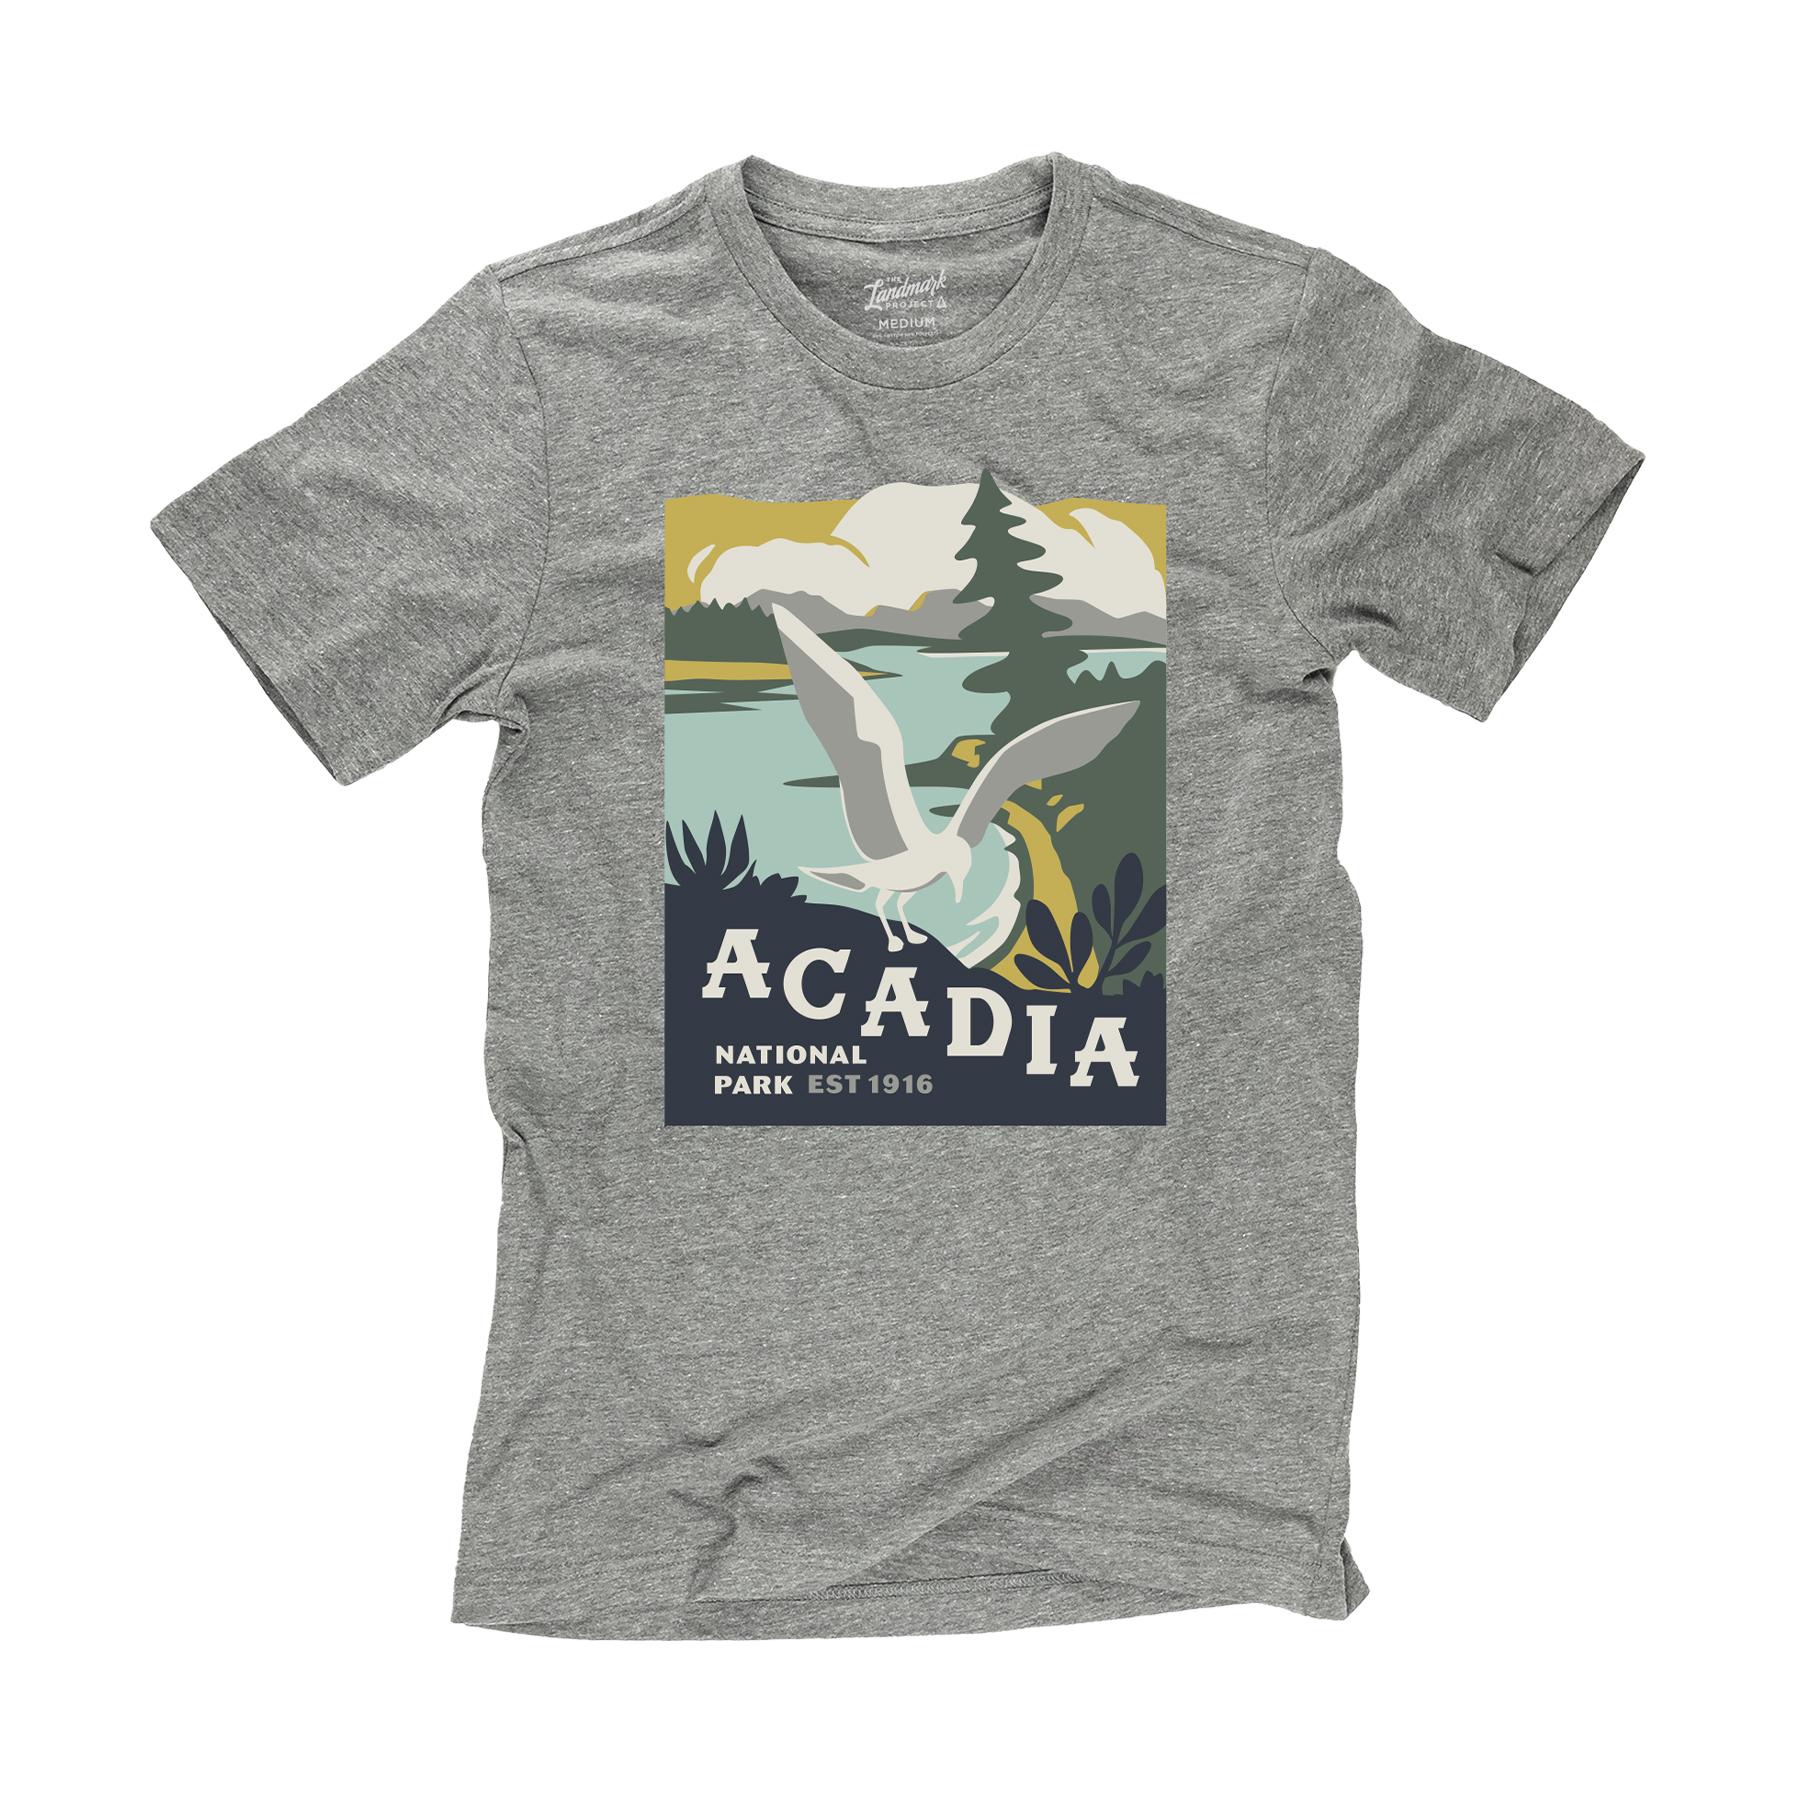 acadia-tee-grey.jpg